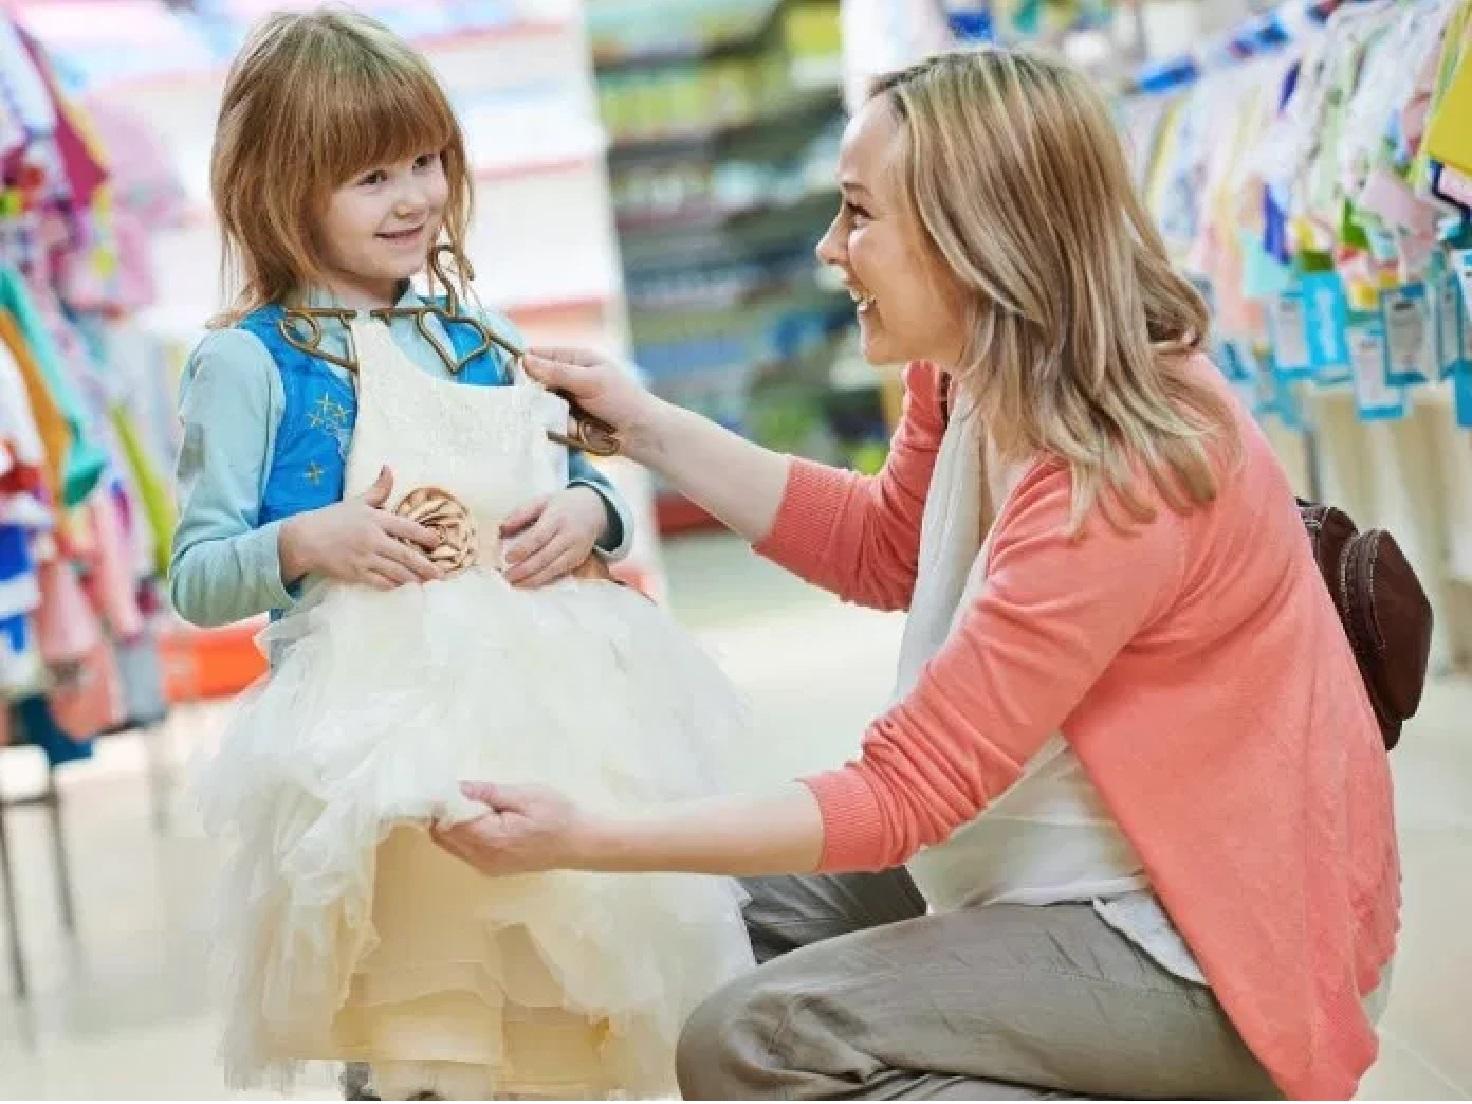 Как открыть интернет-магазин детской одежды, бизнес-план: что нужно и выгодно ли